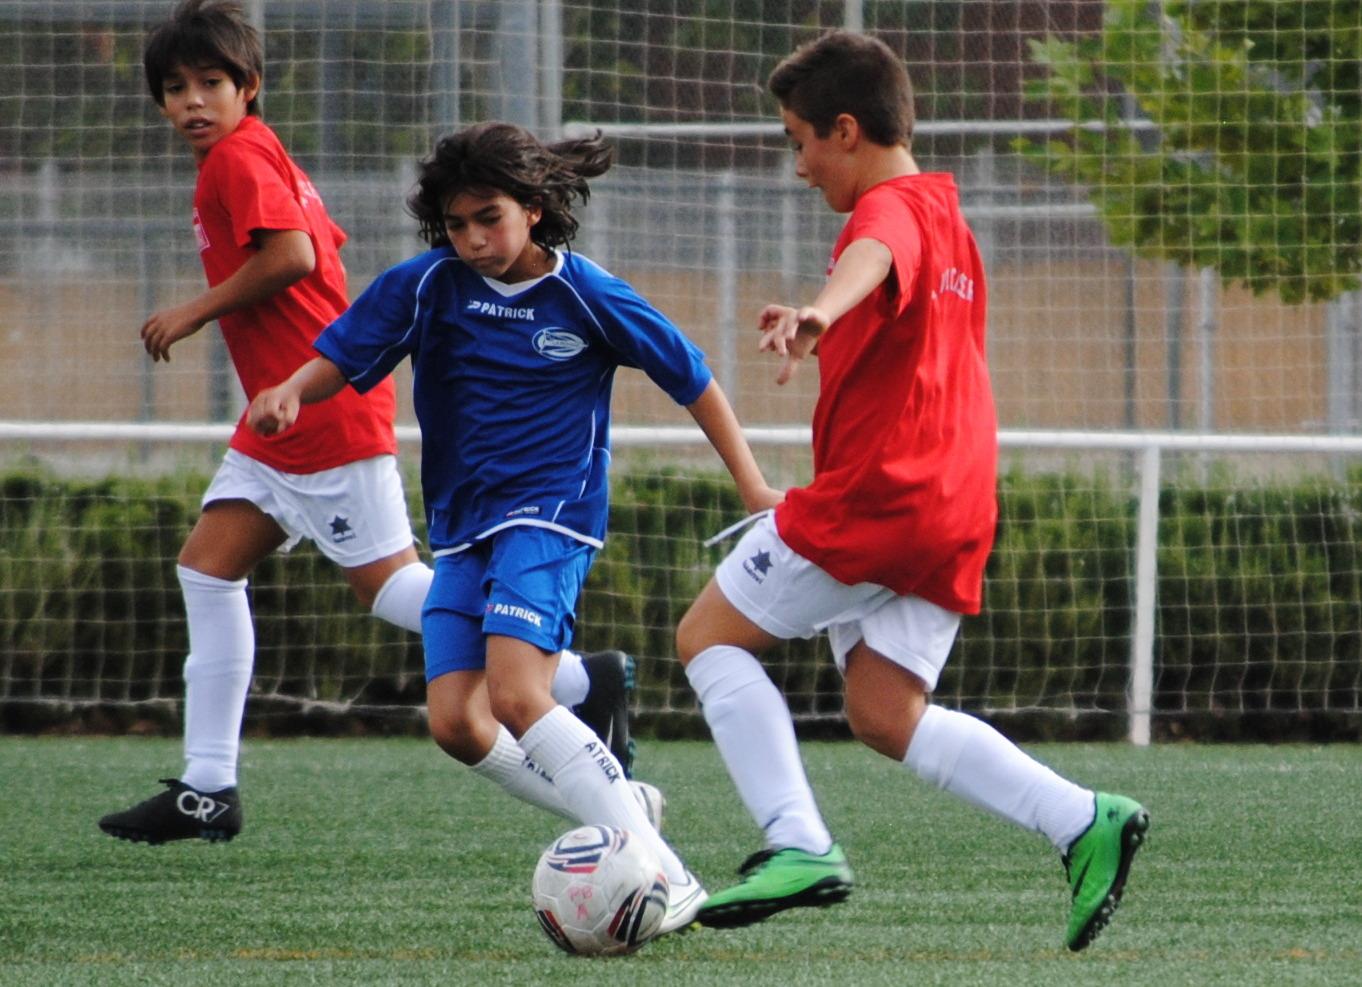 Al no haber equipo femenino, Laura Tanarro juega con chicos de su edad.